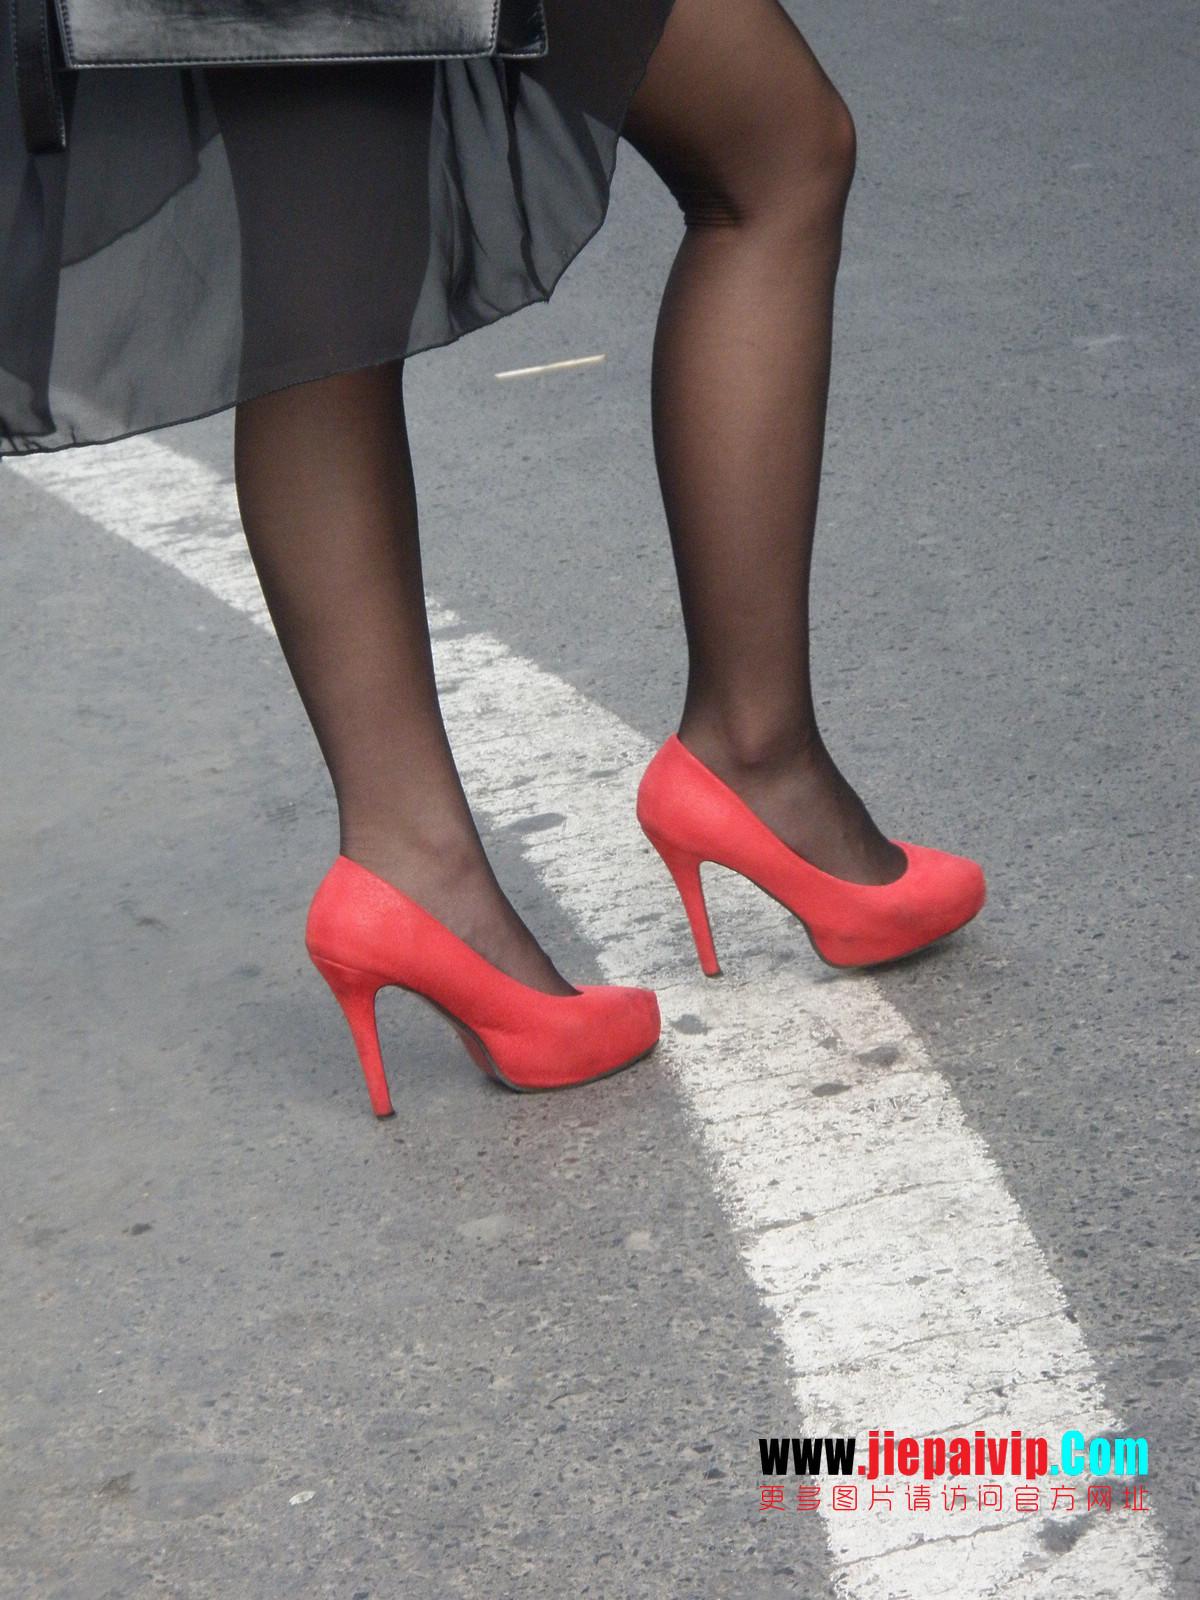 性感的红色高跟鞋黑丝袜美腿女人17